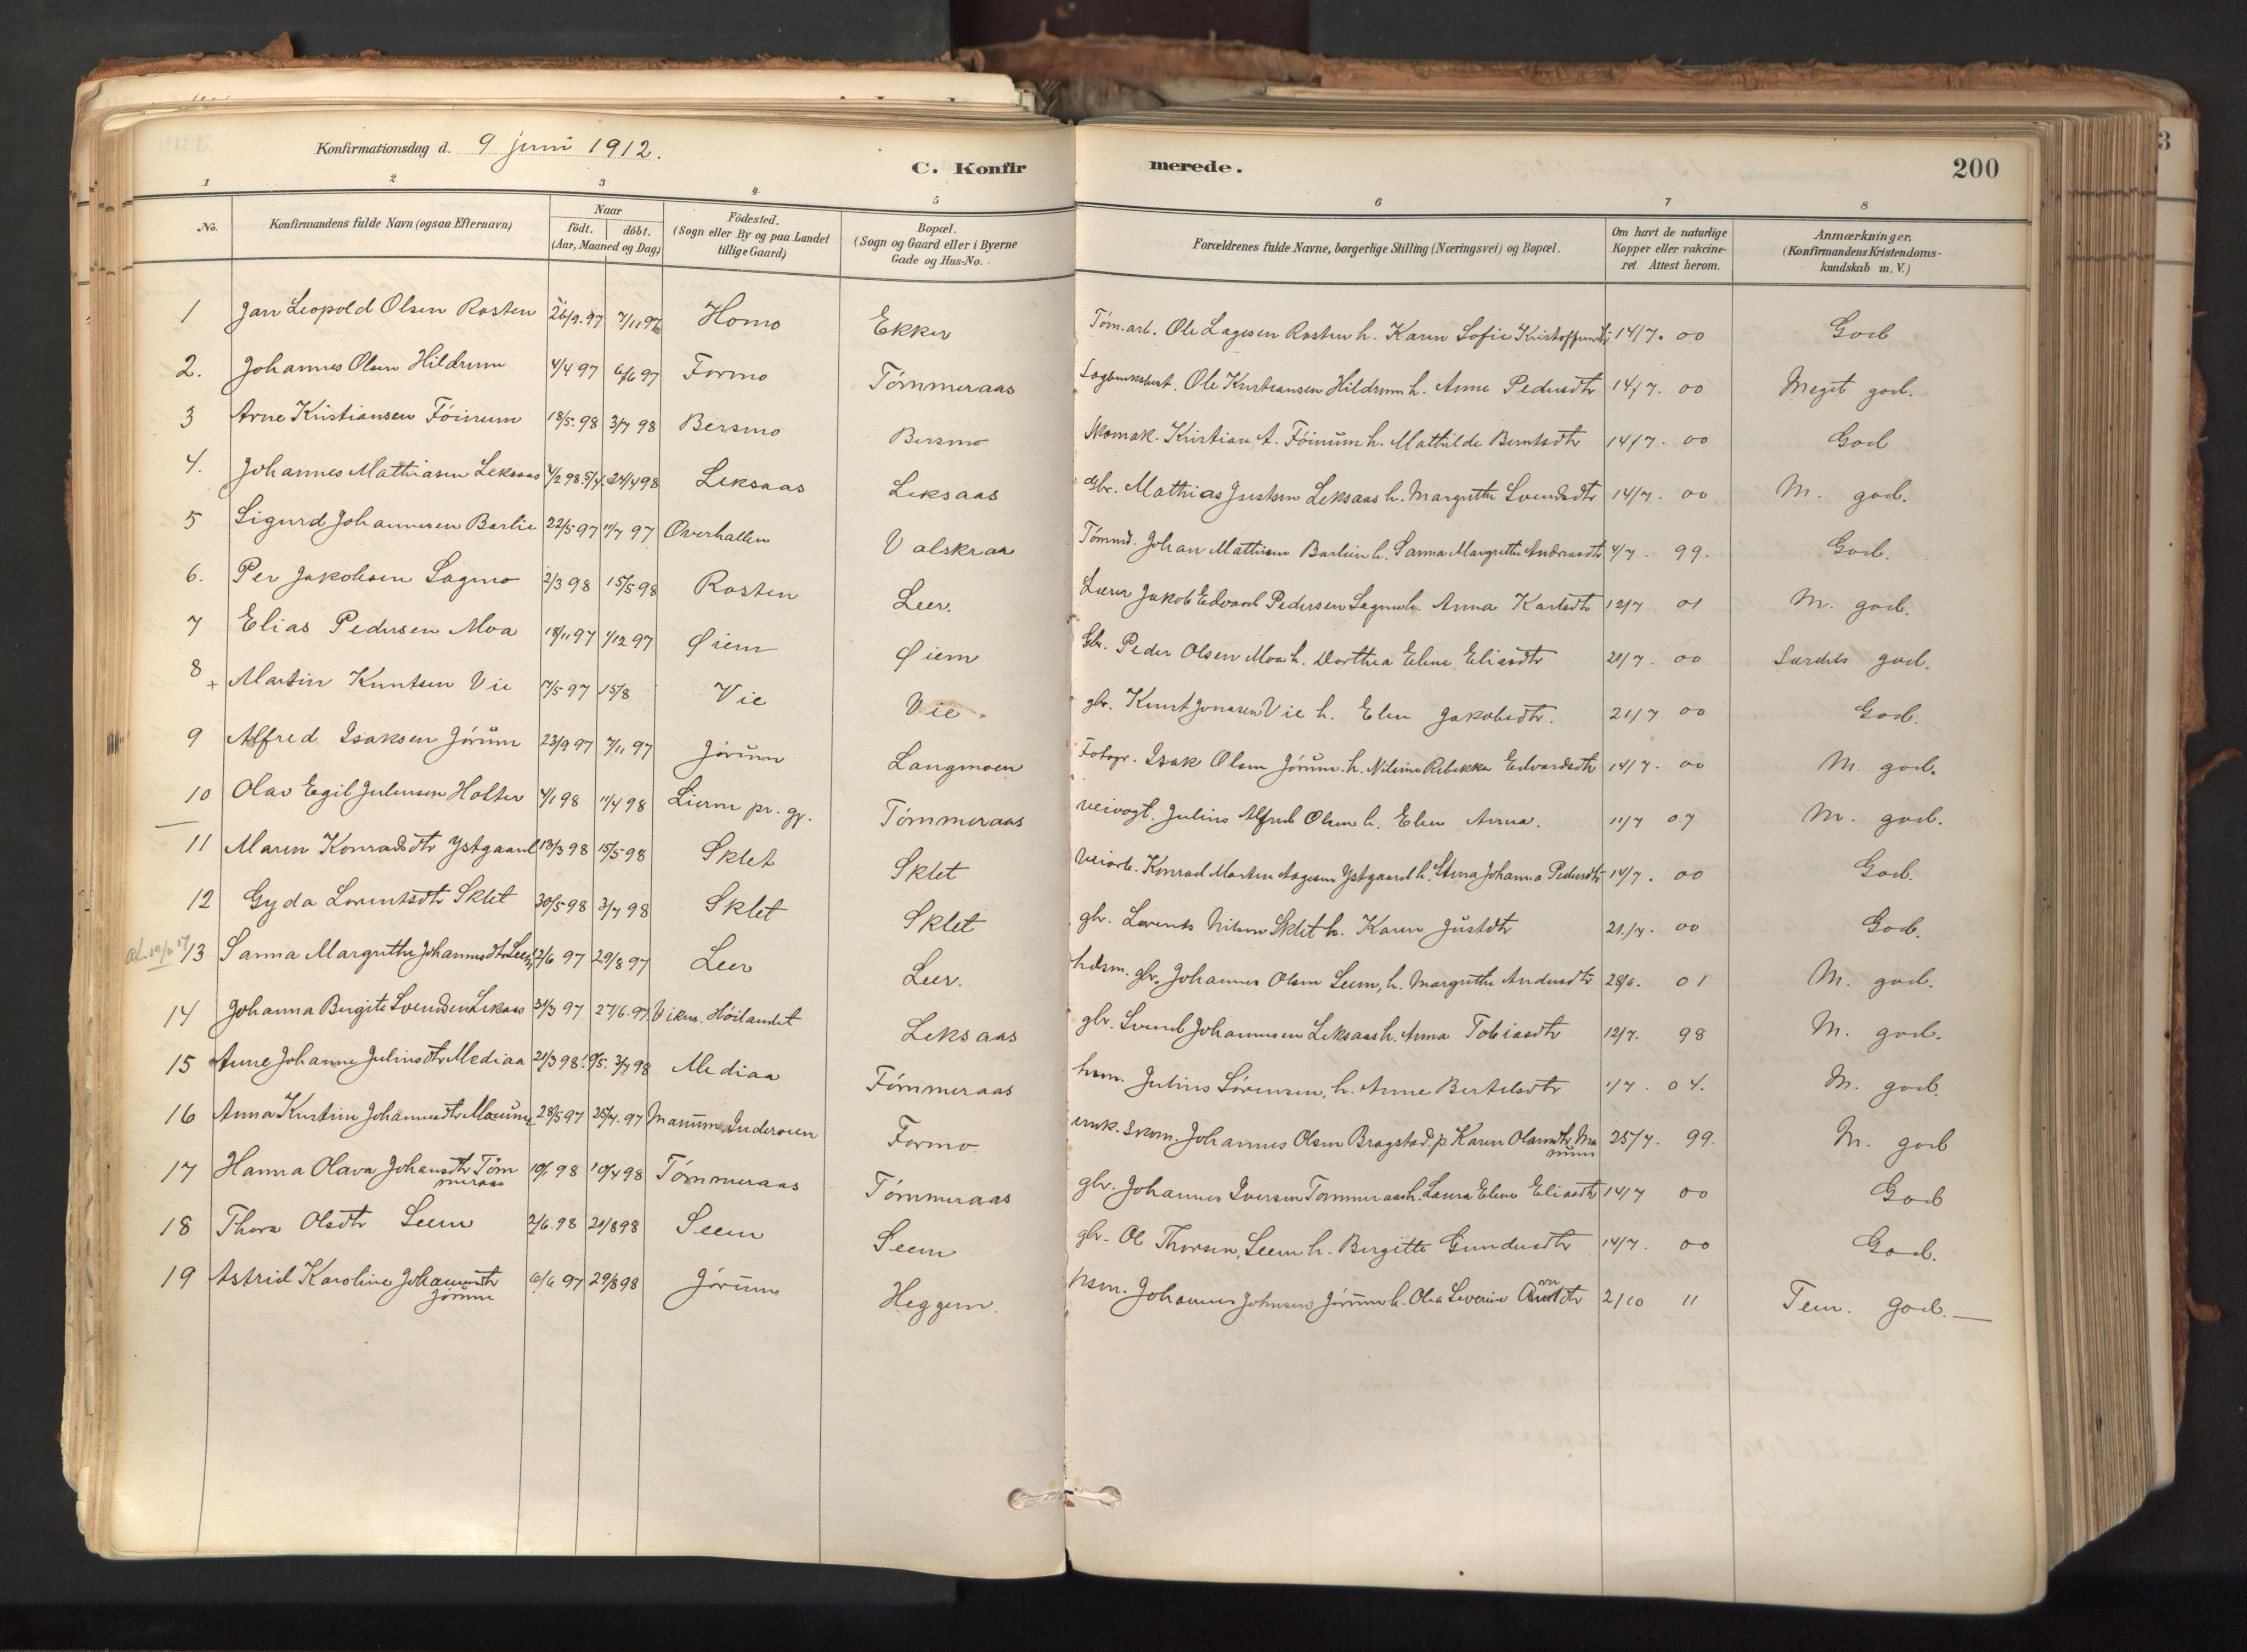 SAT, Ministerialprotokoller, klokkerbøker og fødselsregistre - Nord-Trøndelag, 758/L0519: Ministerialbok nr. 758A04, 1880-1926, s. 200